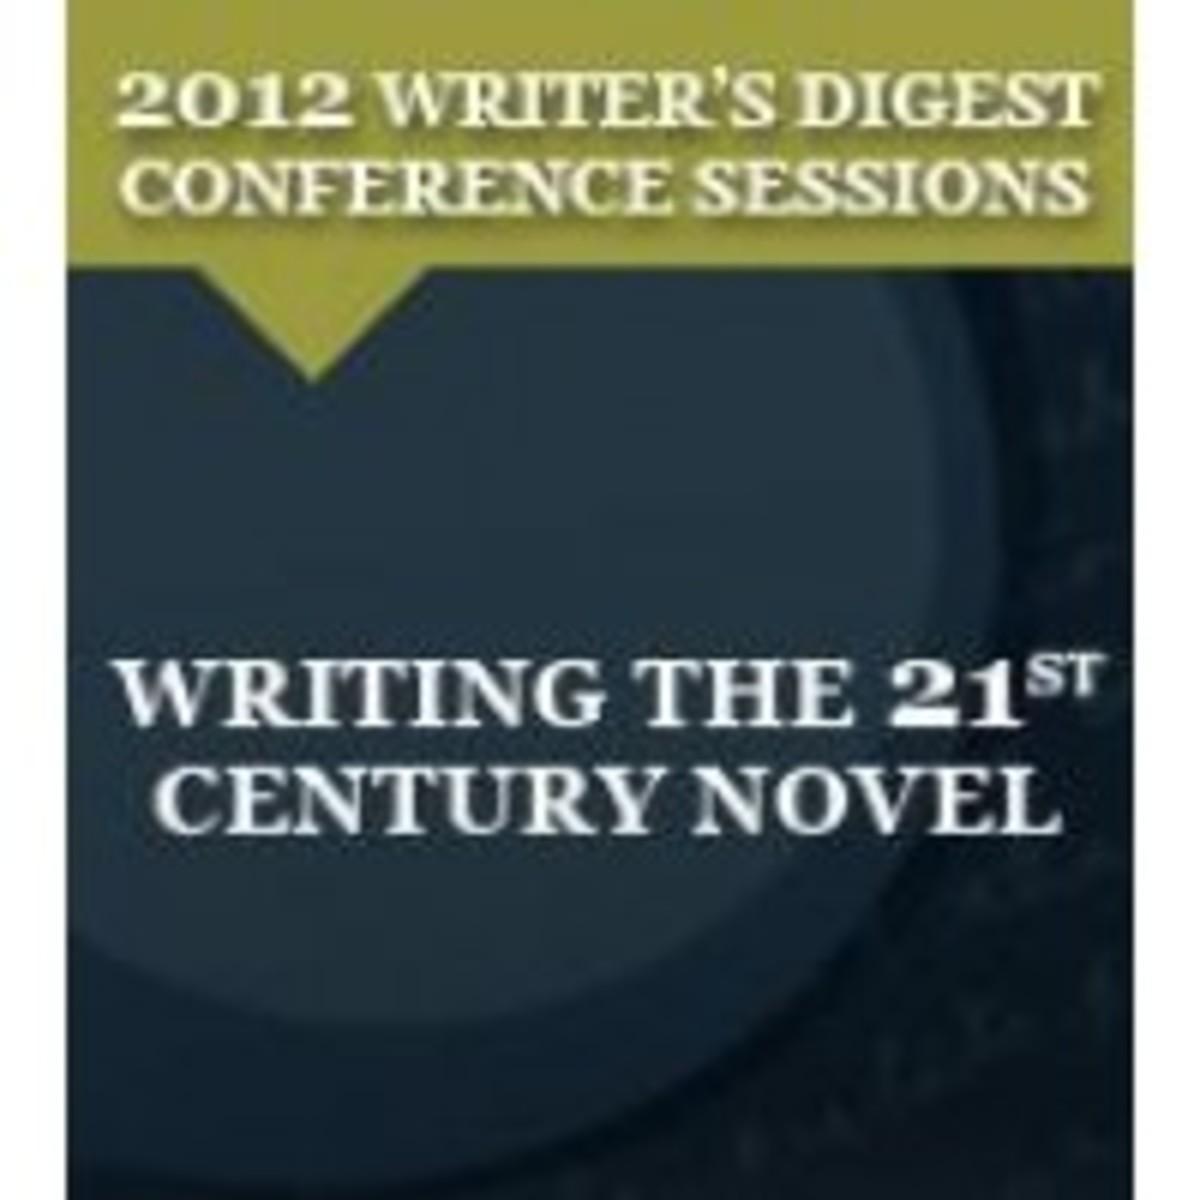 Writing the 21st Century Novel